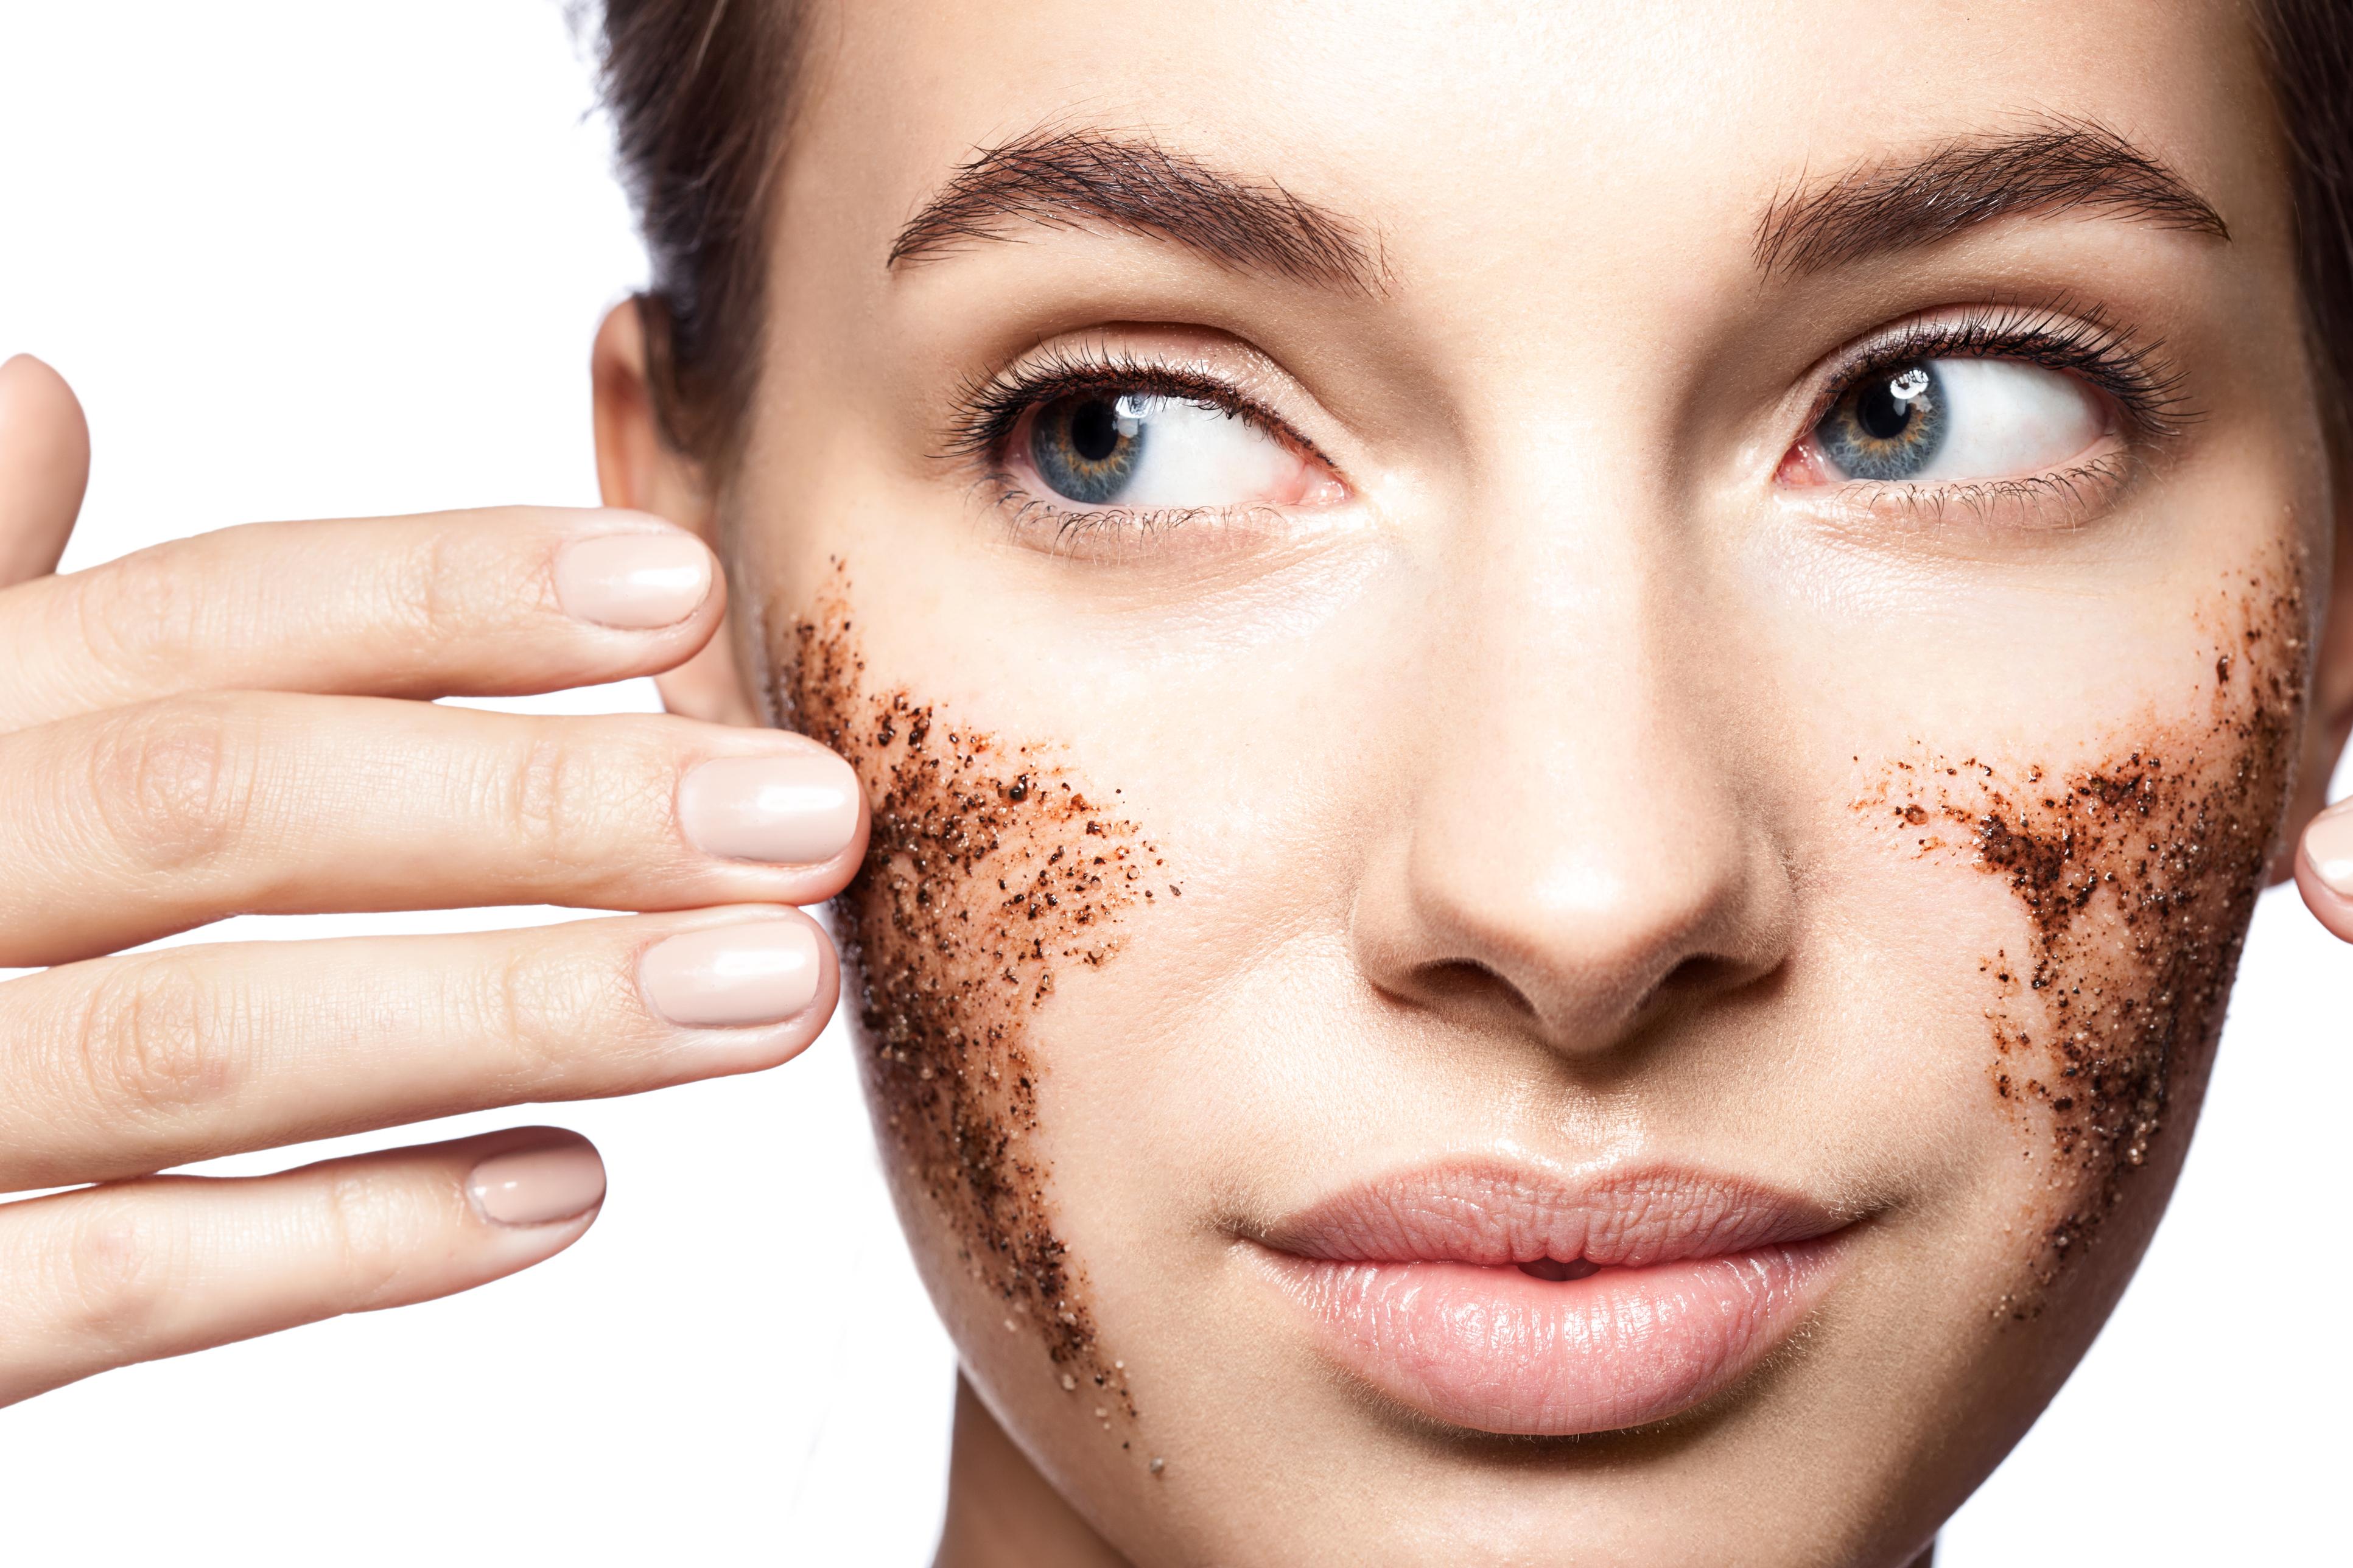 Ранні зморшки: як подолати неприємні зміни шкіри